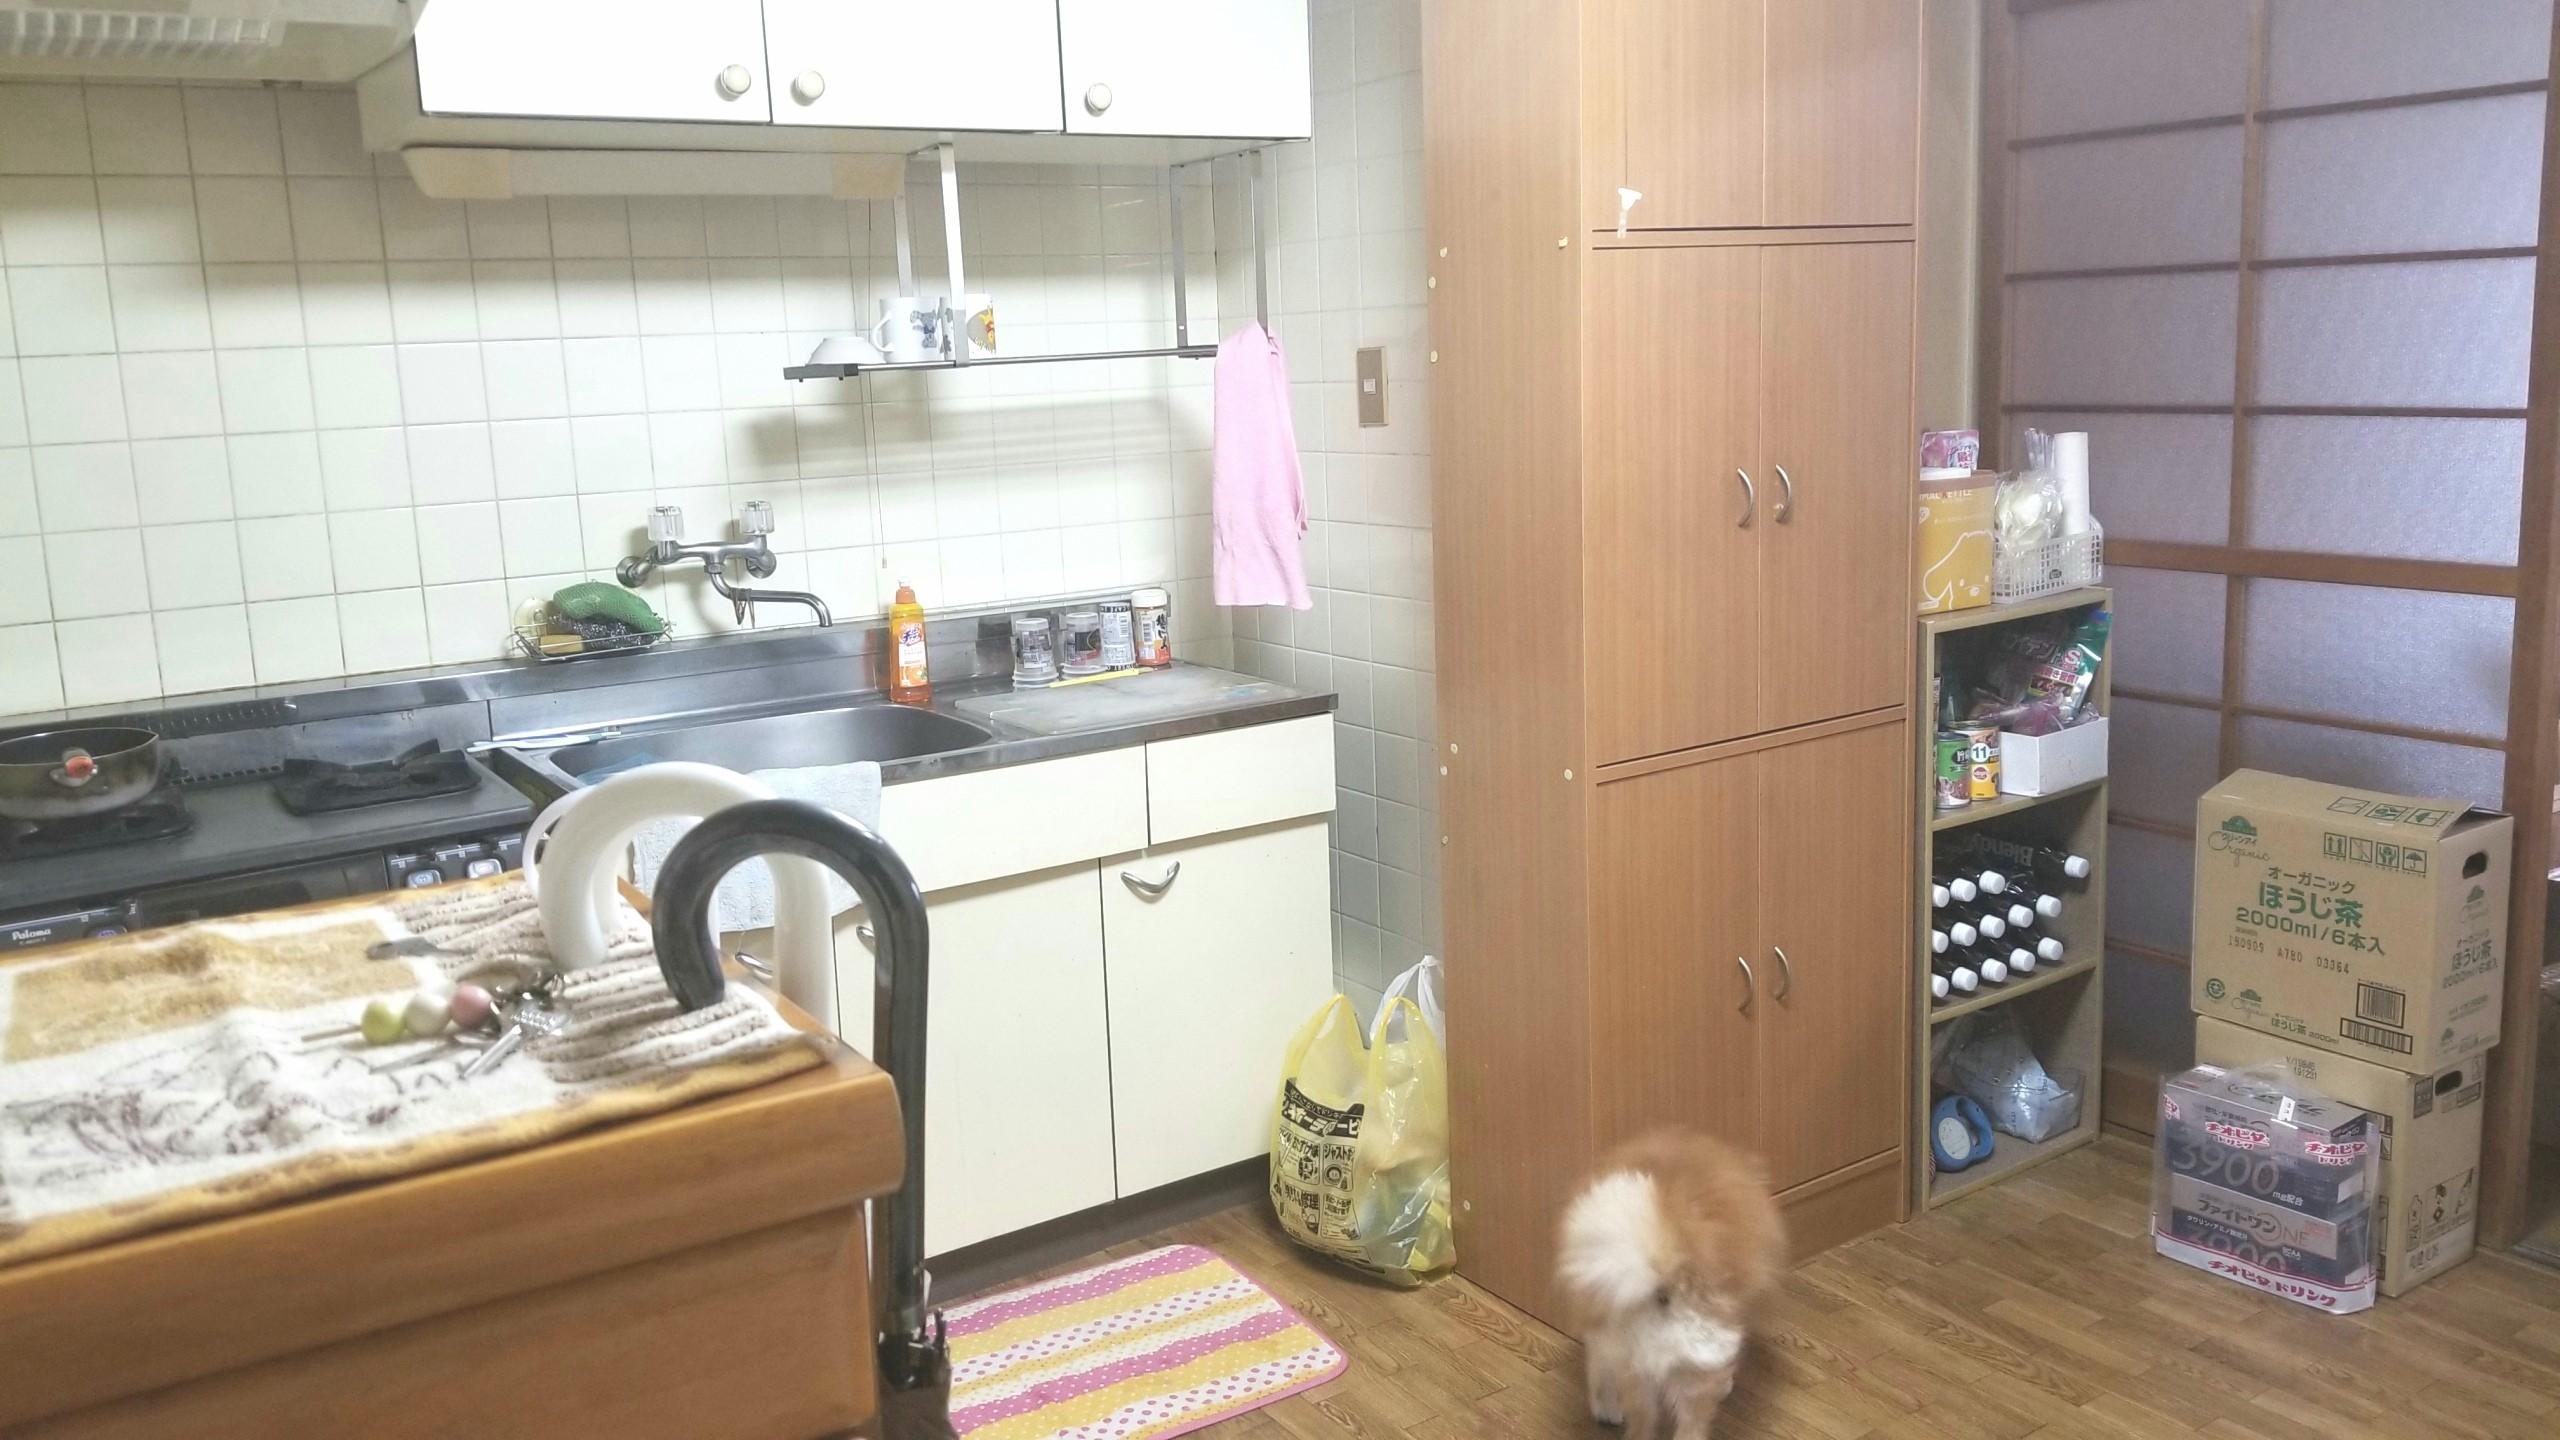 40代熟女の一人暮らしキッチン,ペット犬,台所食器棚,ワンルーム